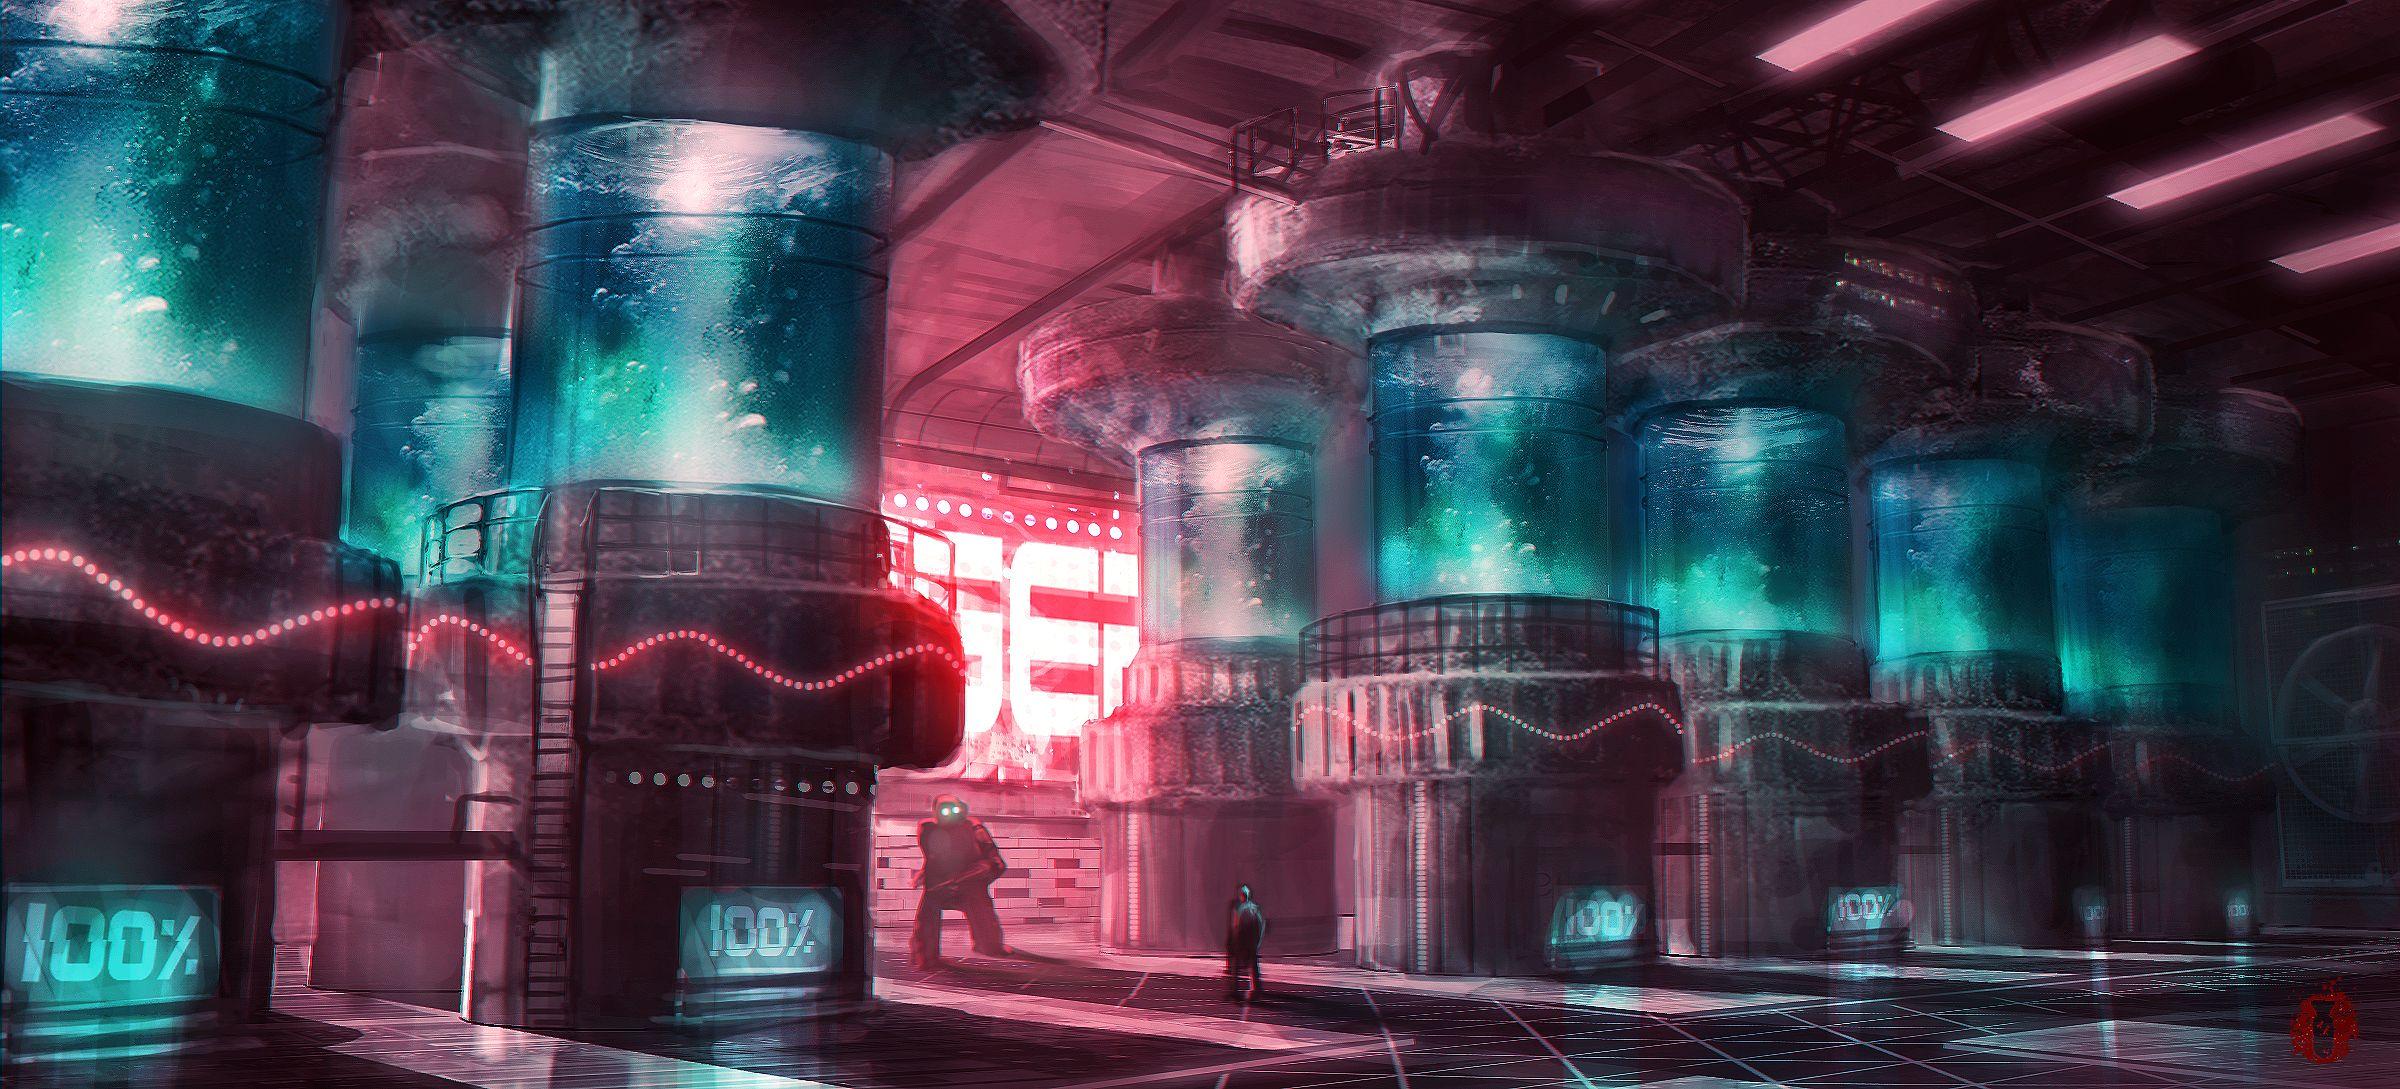 Concept art architecture futuristic on pinterest future for Cyberpunk interior design